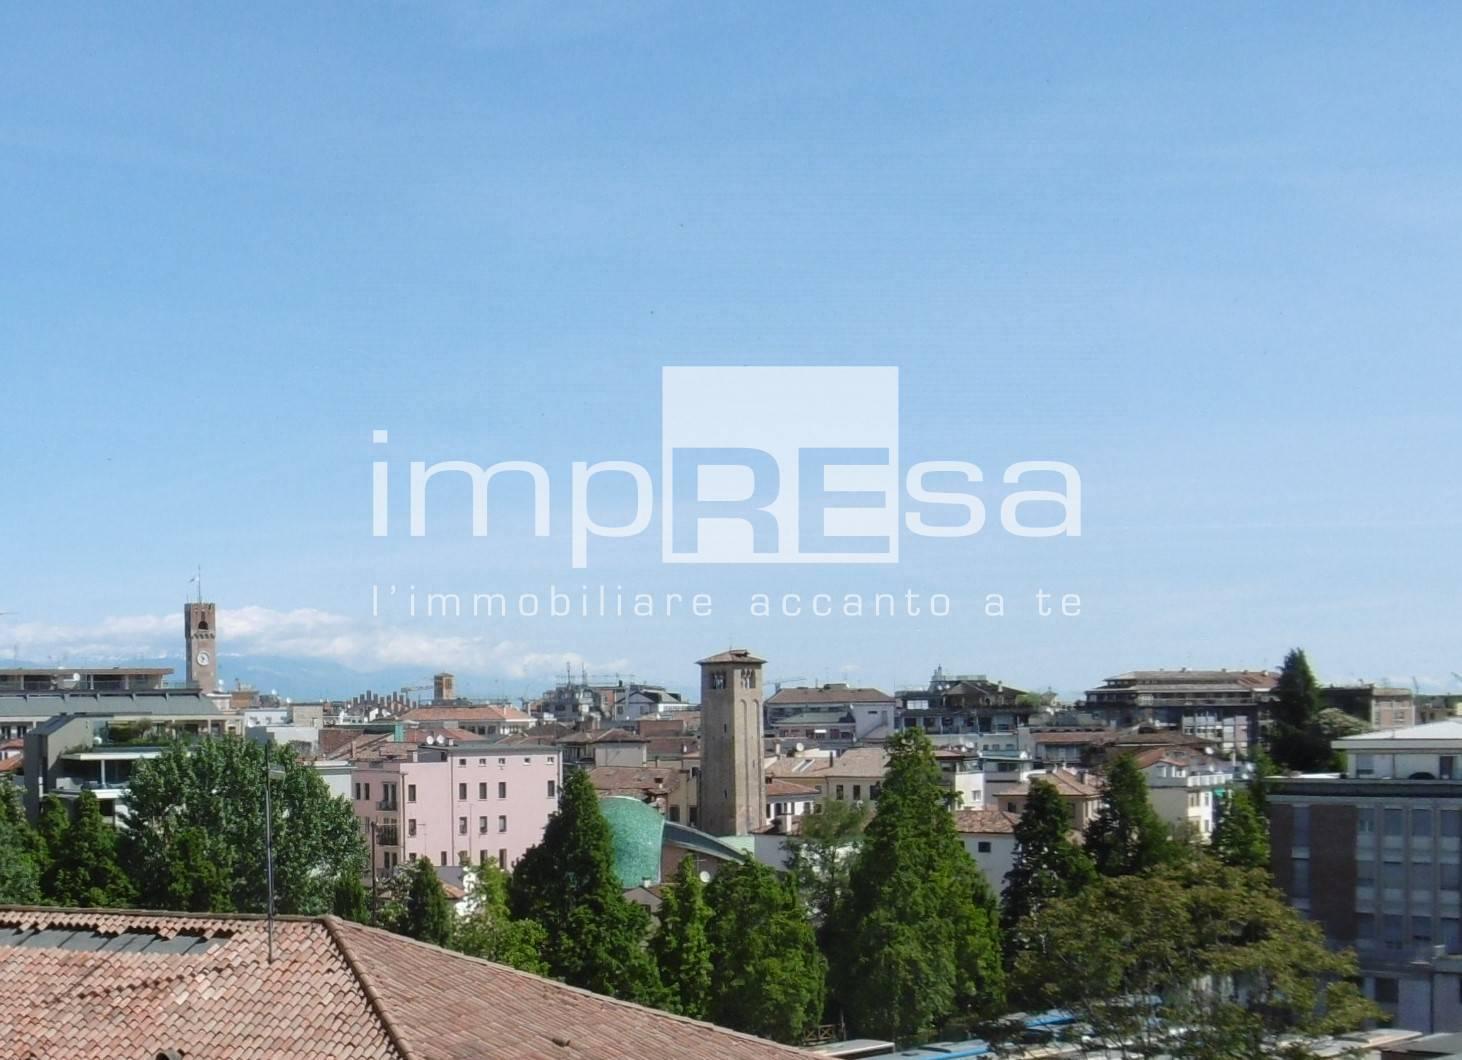 Attico / Mansarda in vendita a Treviso, 3 locali, zona Località: Centrostorico, prezzo € 250.000   PortaleAgenzieImmobiliari.it